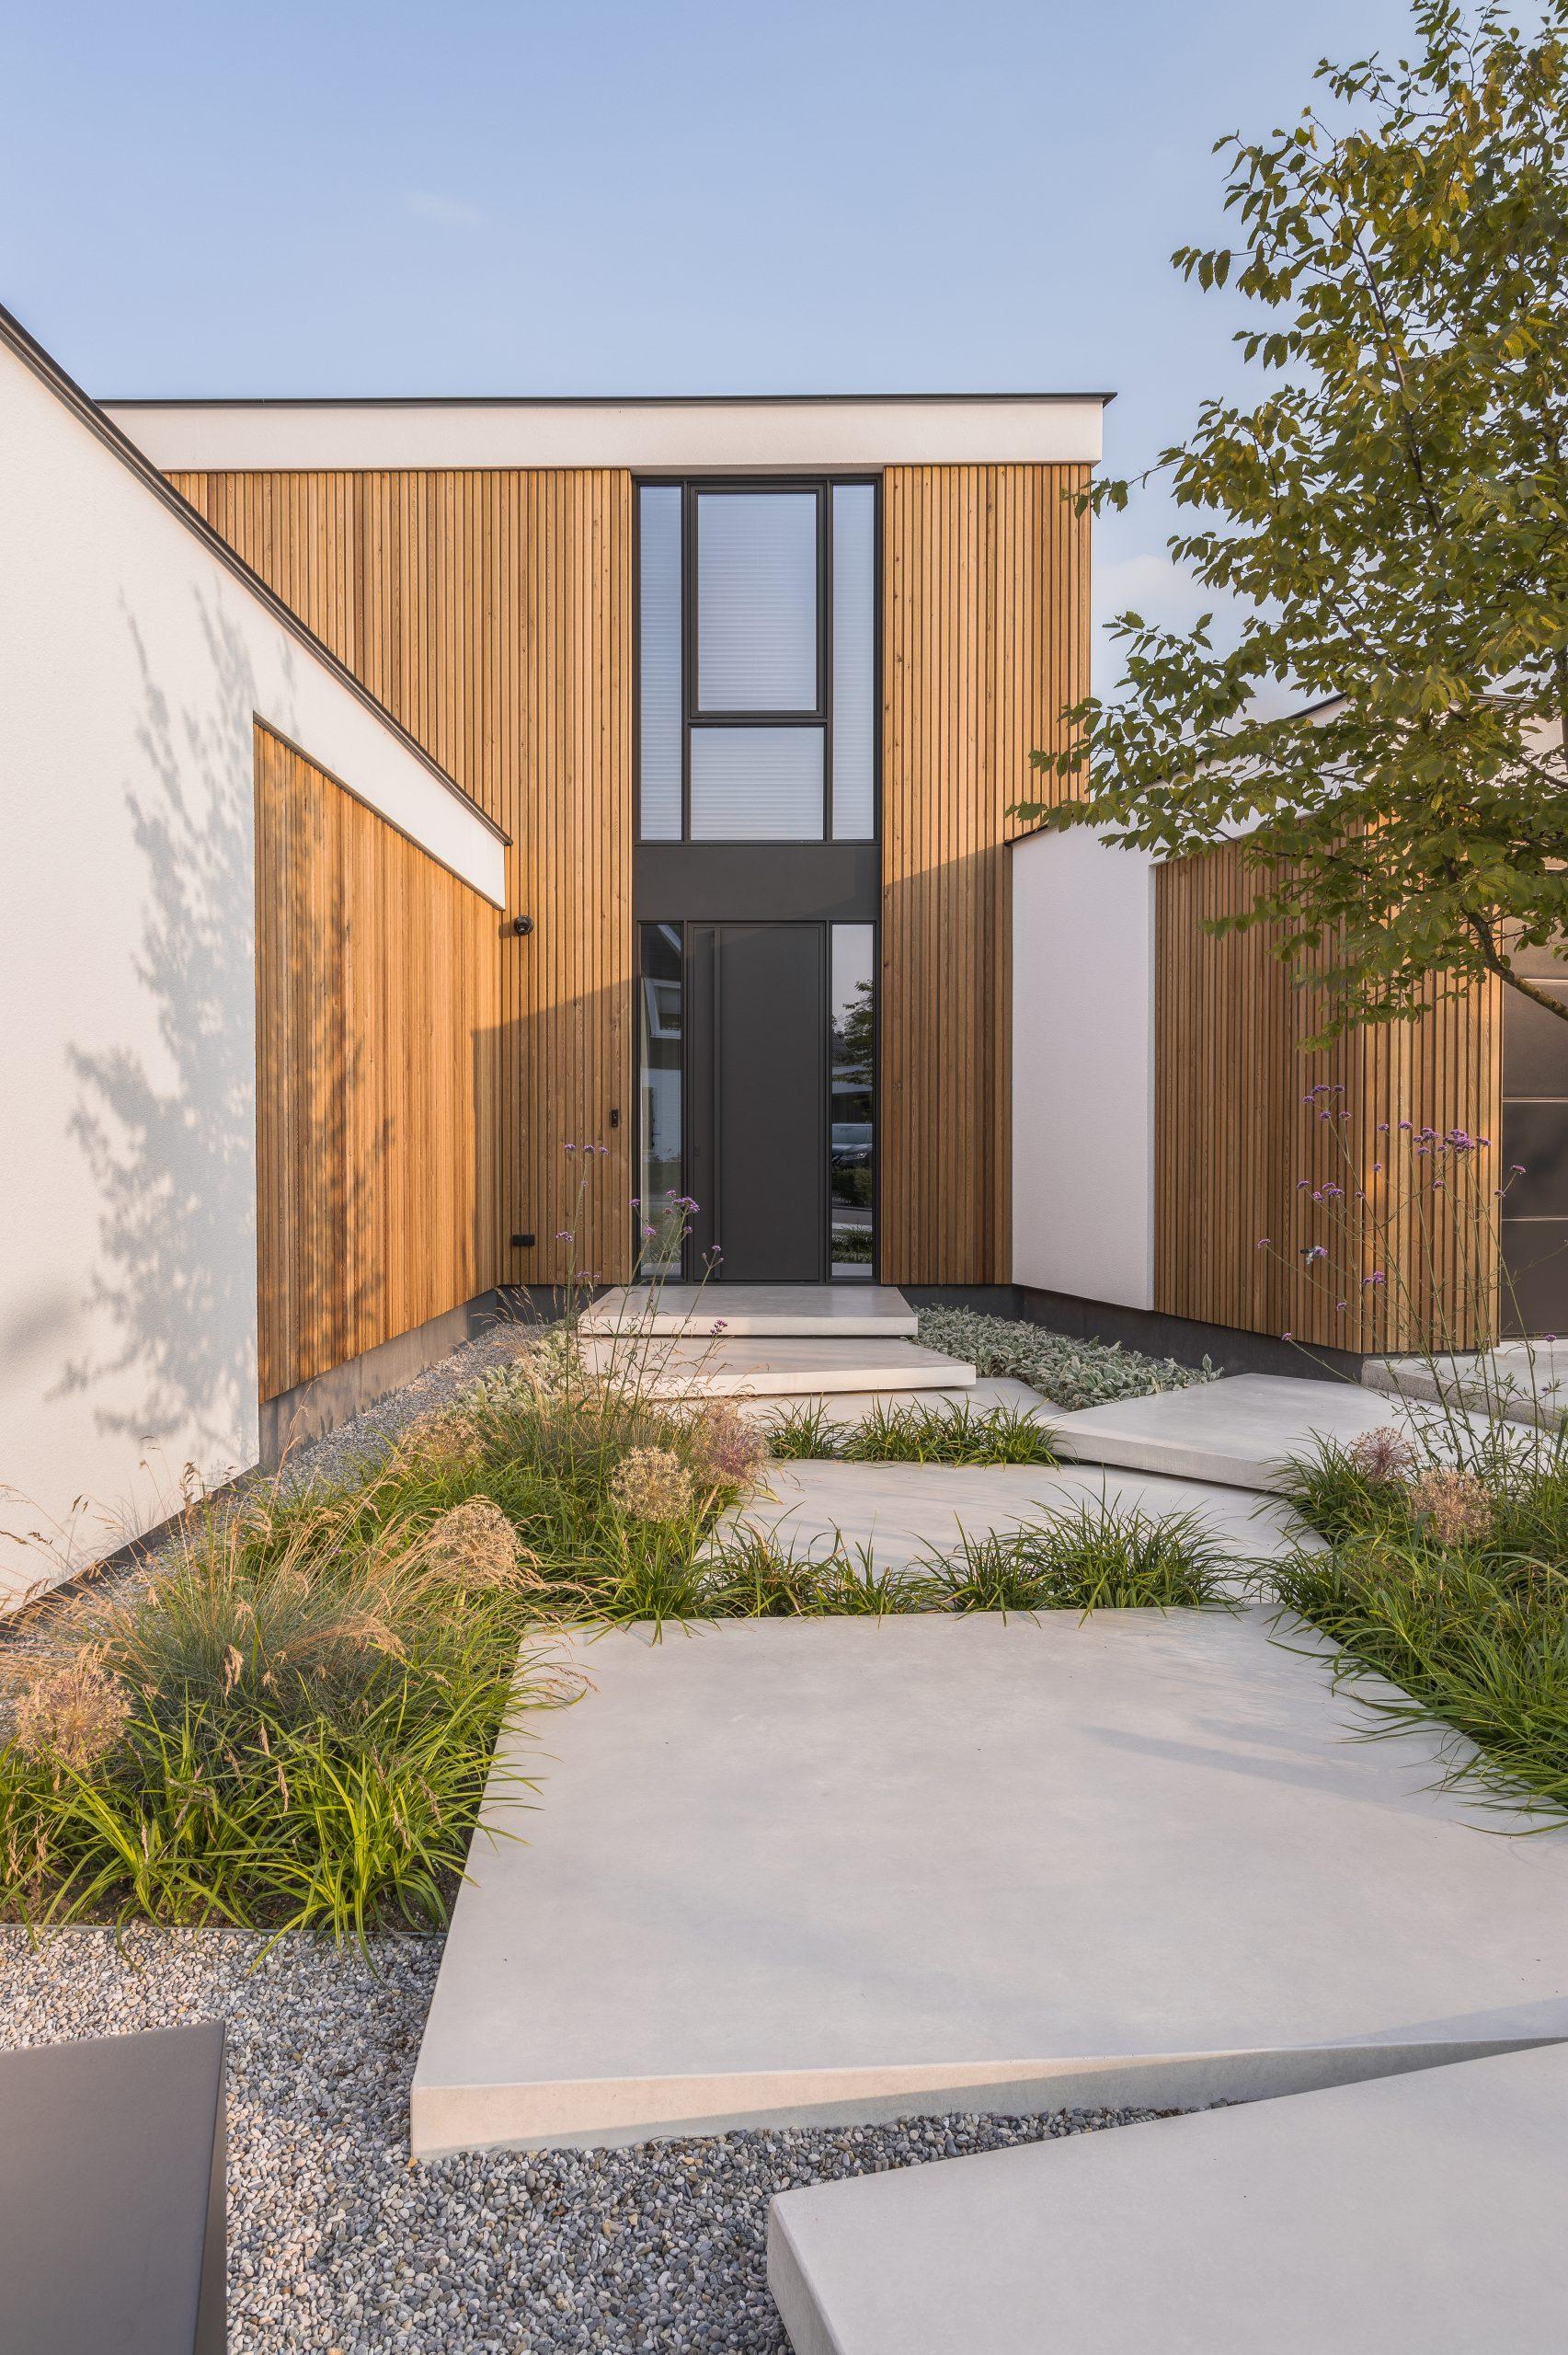 Strakke vila | Zone Zuid Architecten, the art of living